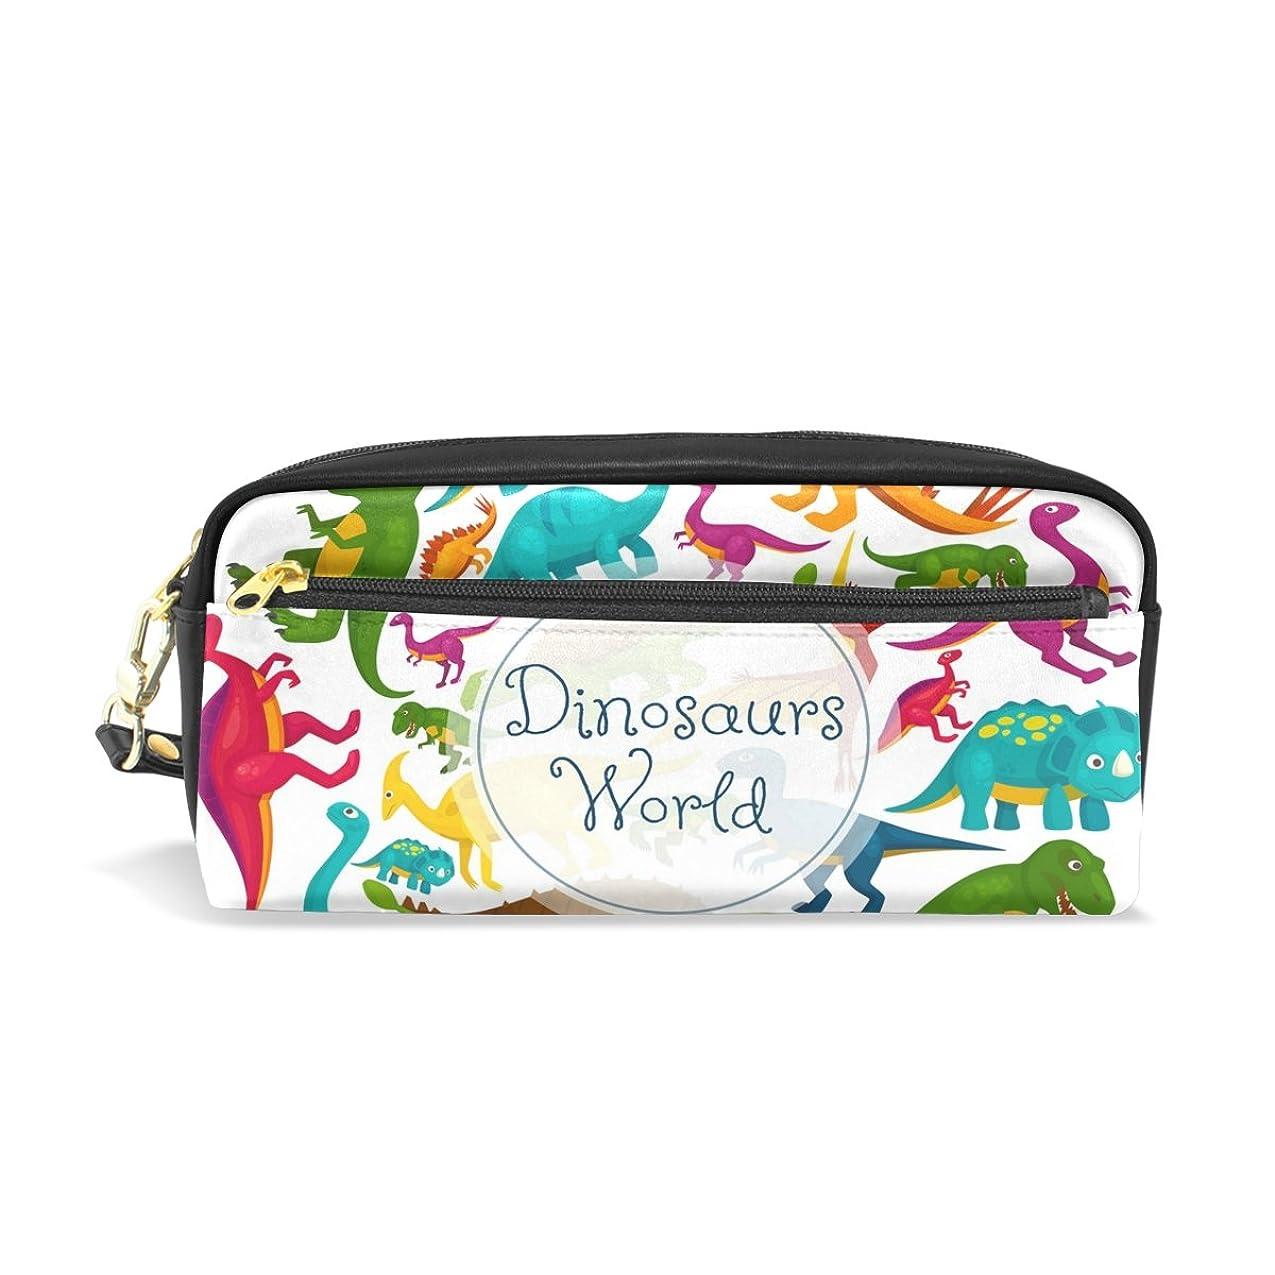 診療所シュート火炎ALAZA 恐竜 世界 鉛筆 ケース ジッパー Pu 革製 ペン バッグ 化粧品 化粧 バッグ ペン 文房具 ポーチ バッグ 大容量